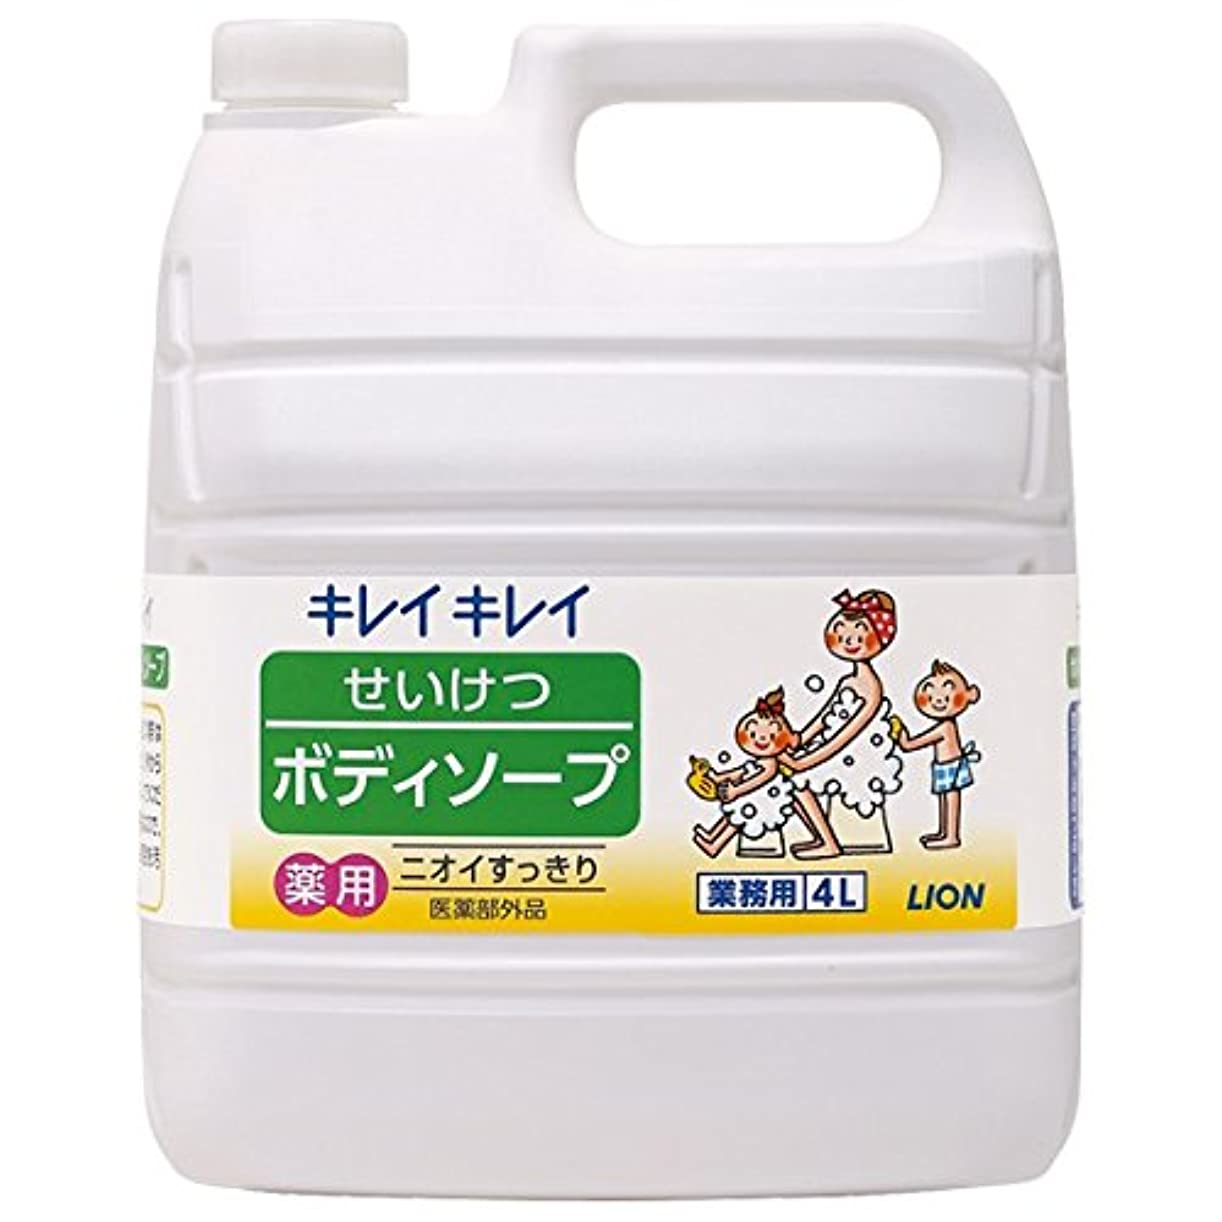 襟シャーロットブロンテできないライオン キレイキレイ せいけつボディソープ さわやかなレモン&オレンジの香り 業務用 4L×3本